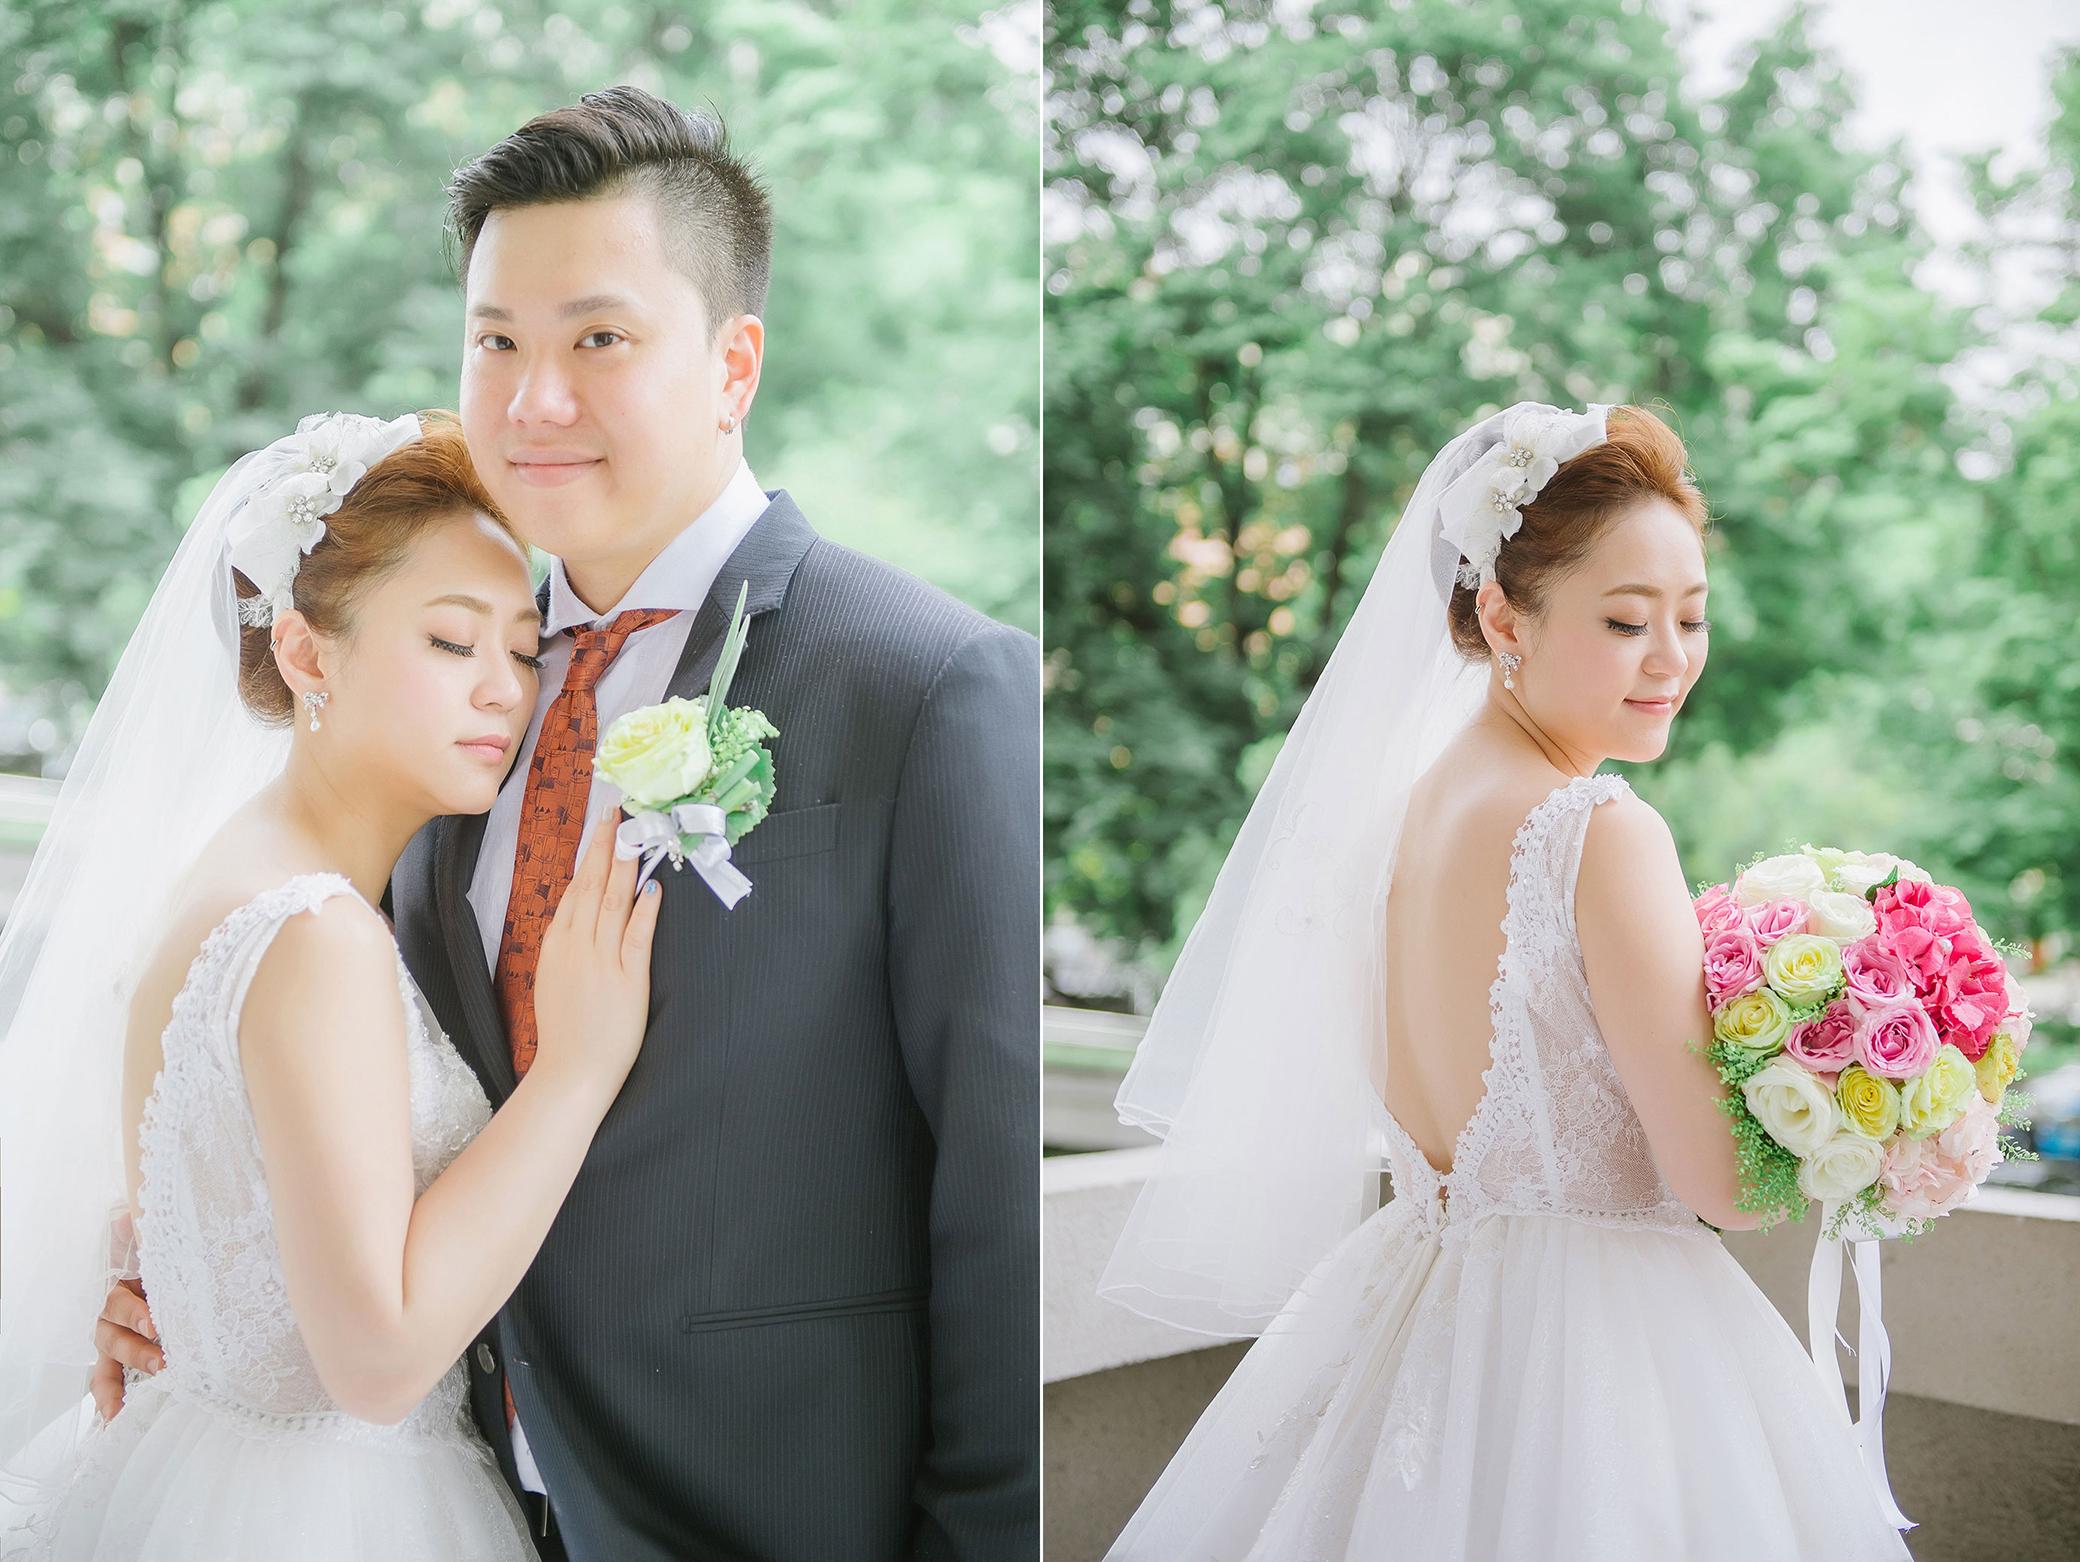 nickchang-realwedding-fineart-17